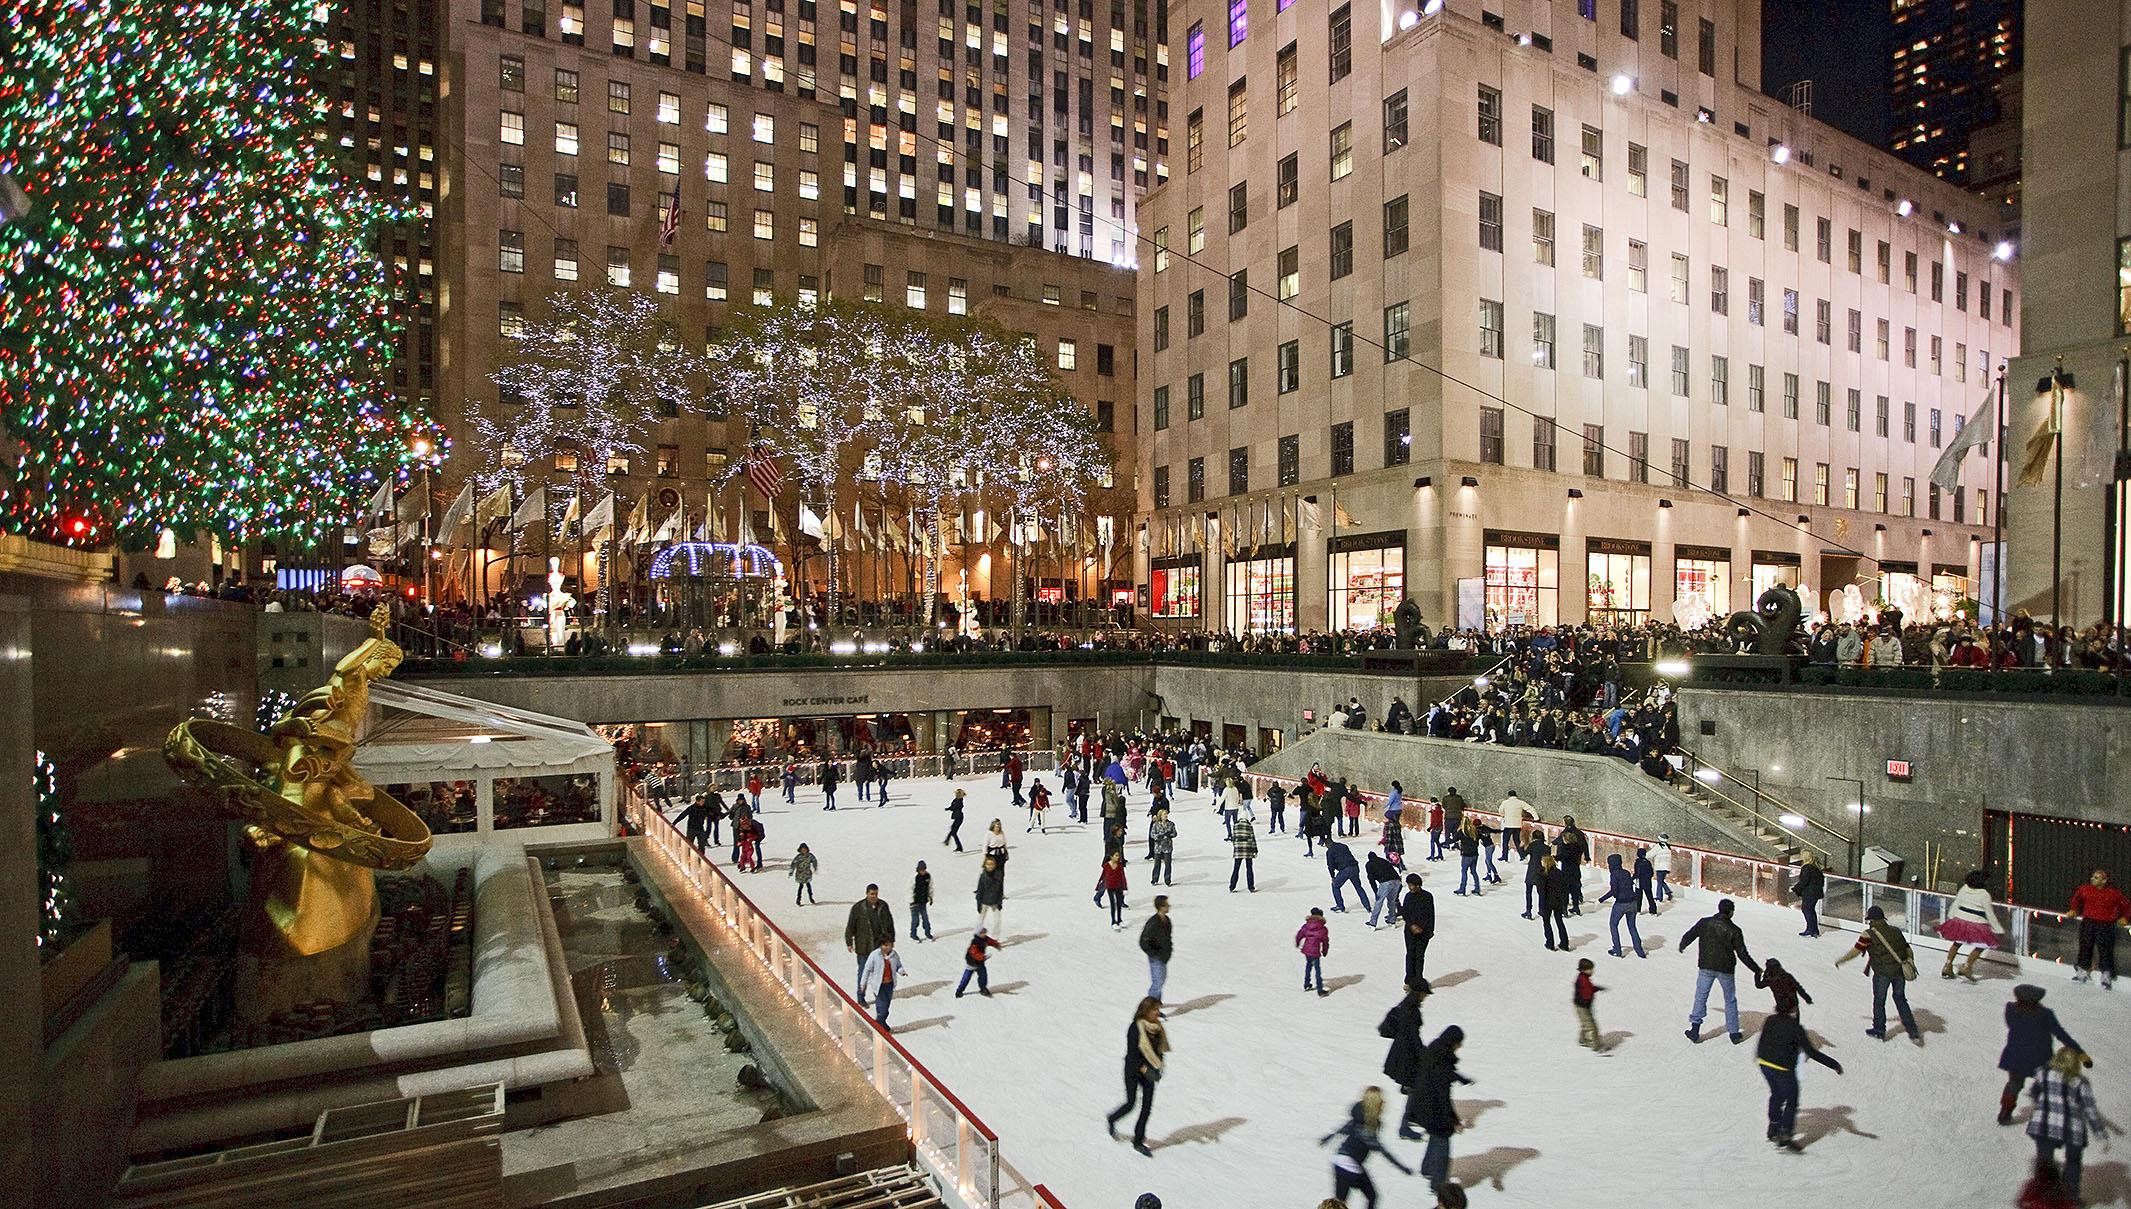 Immagini Natale A New York.Natale A New York City I 18 Eventi Da Non Perdere La Madia